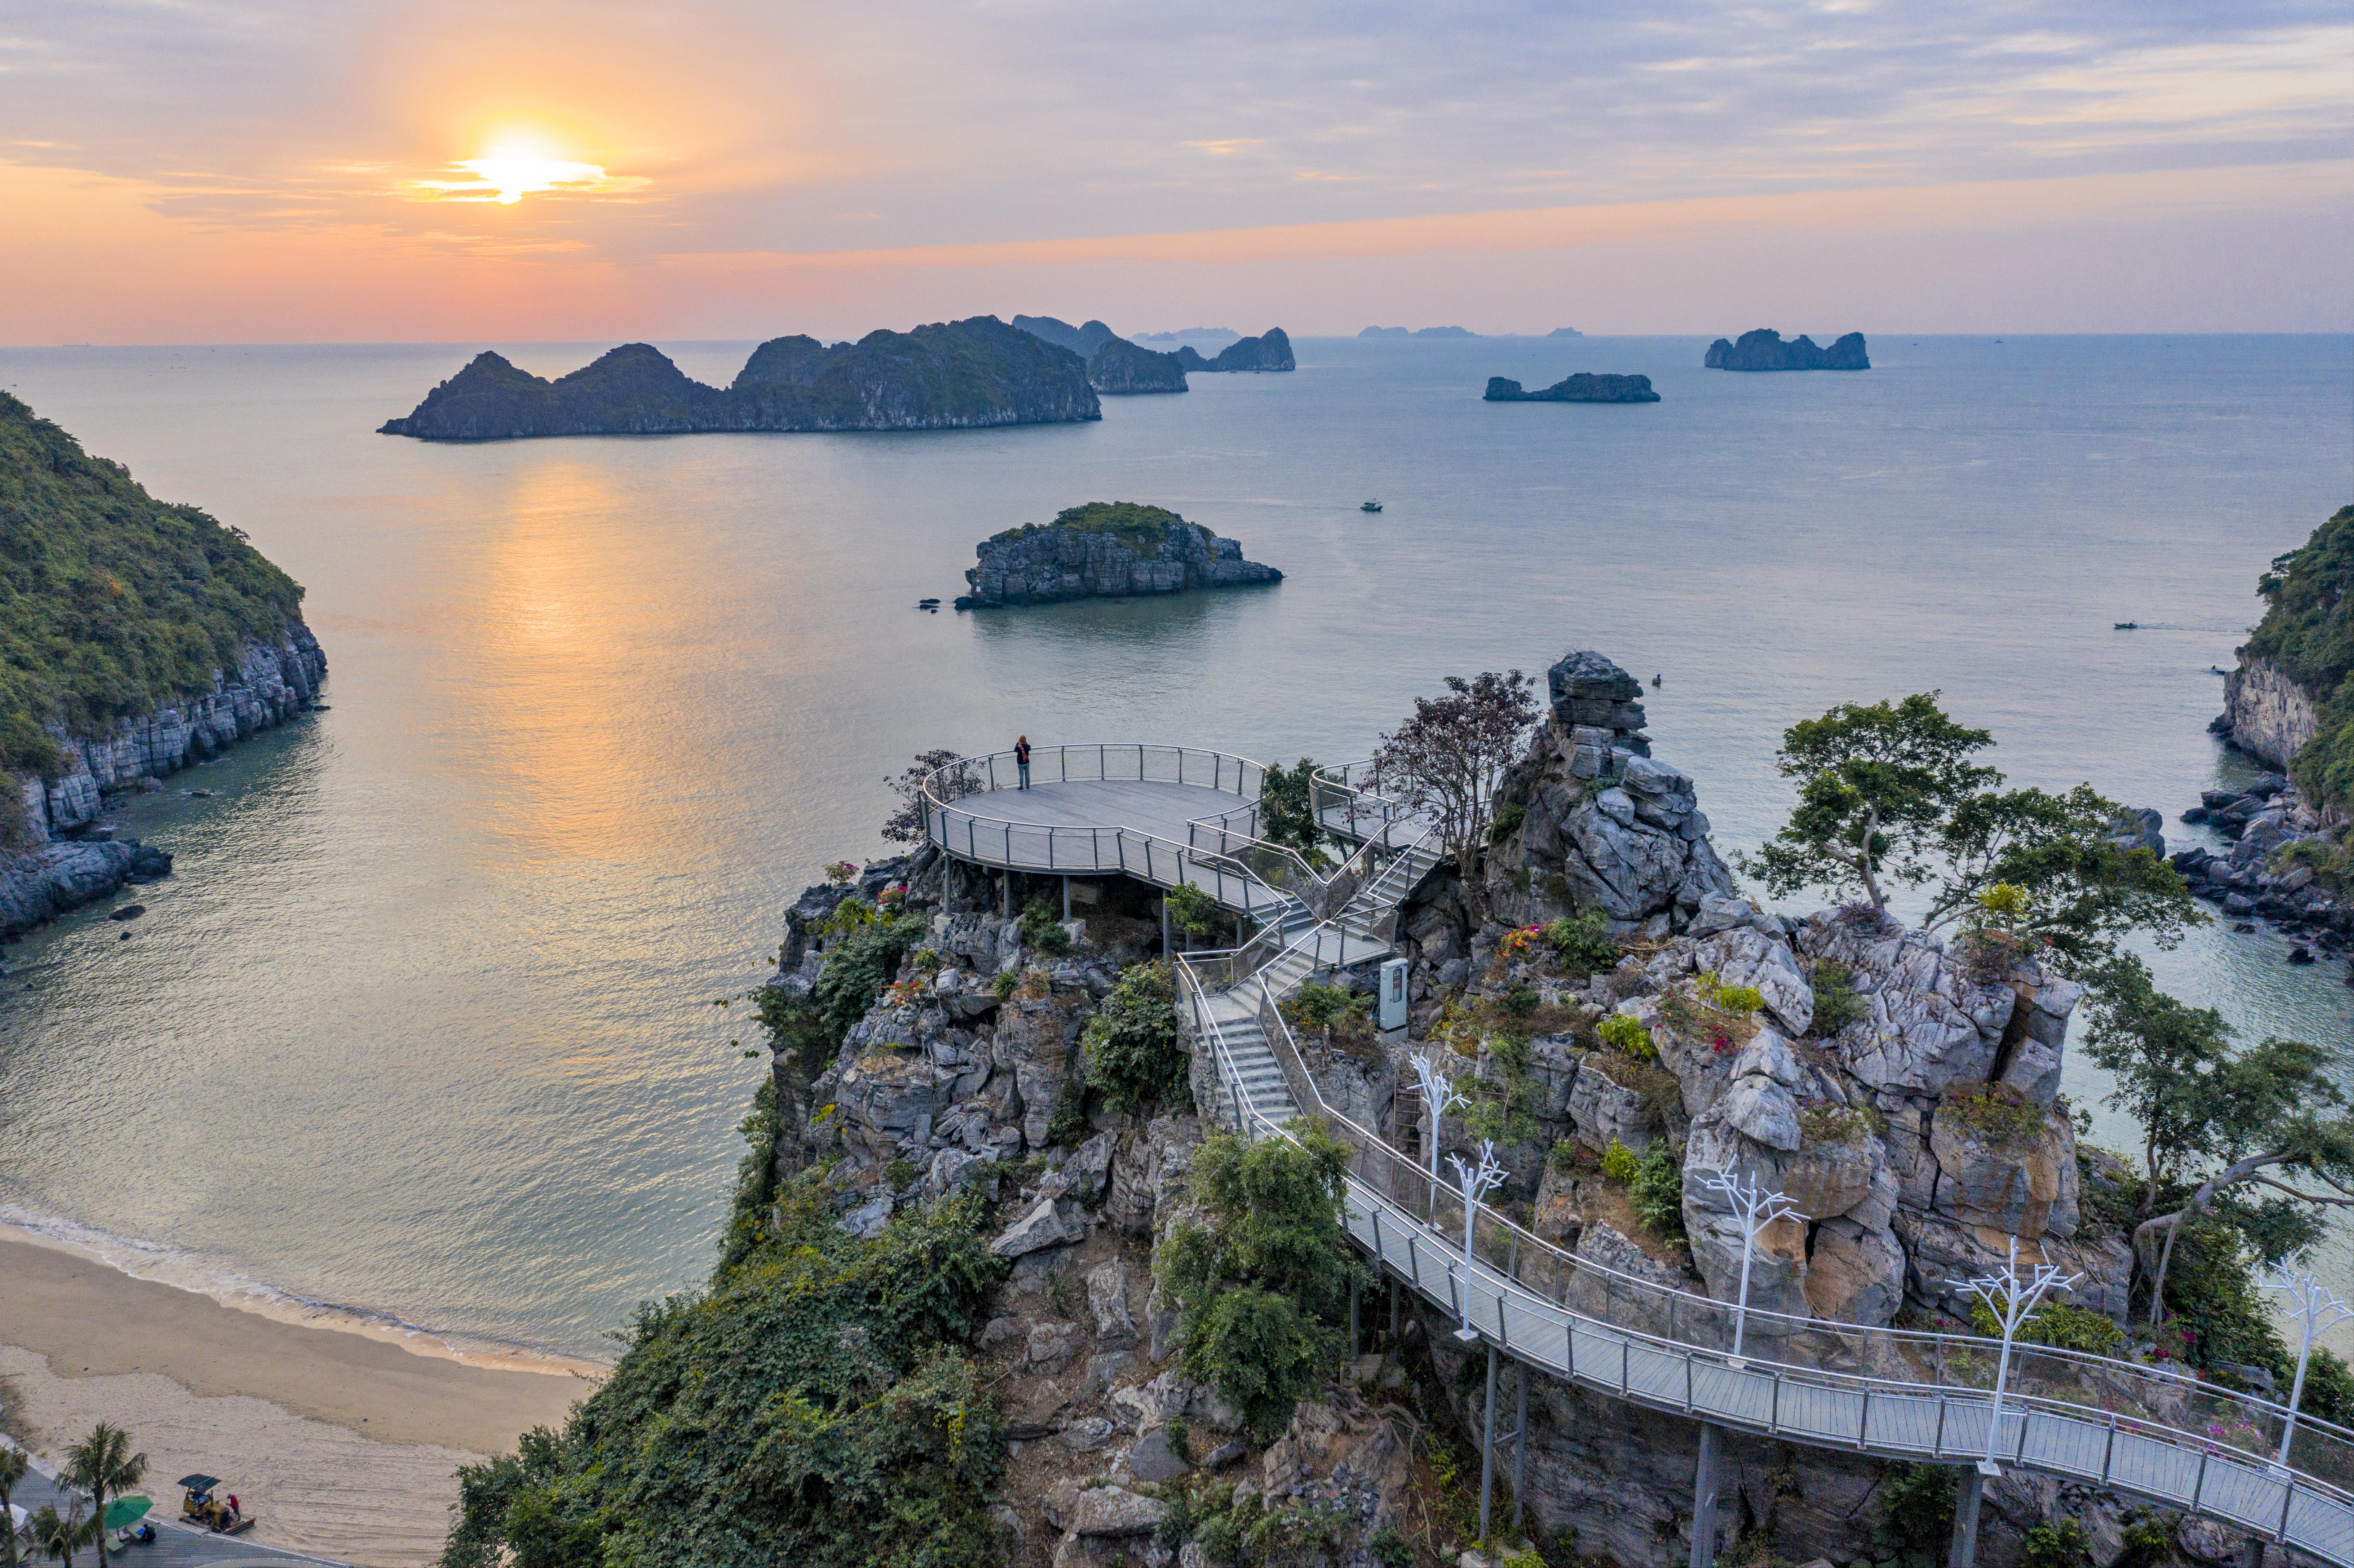 Sở hữu nhiều ưu thế vượt trội, Flamingo Cát Bà đã và đang trở thành điểm đến nổi bật trên bản đồ du lịch Việt Nam trong năm 2021.